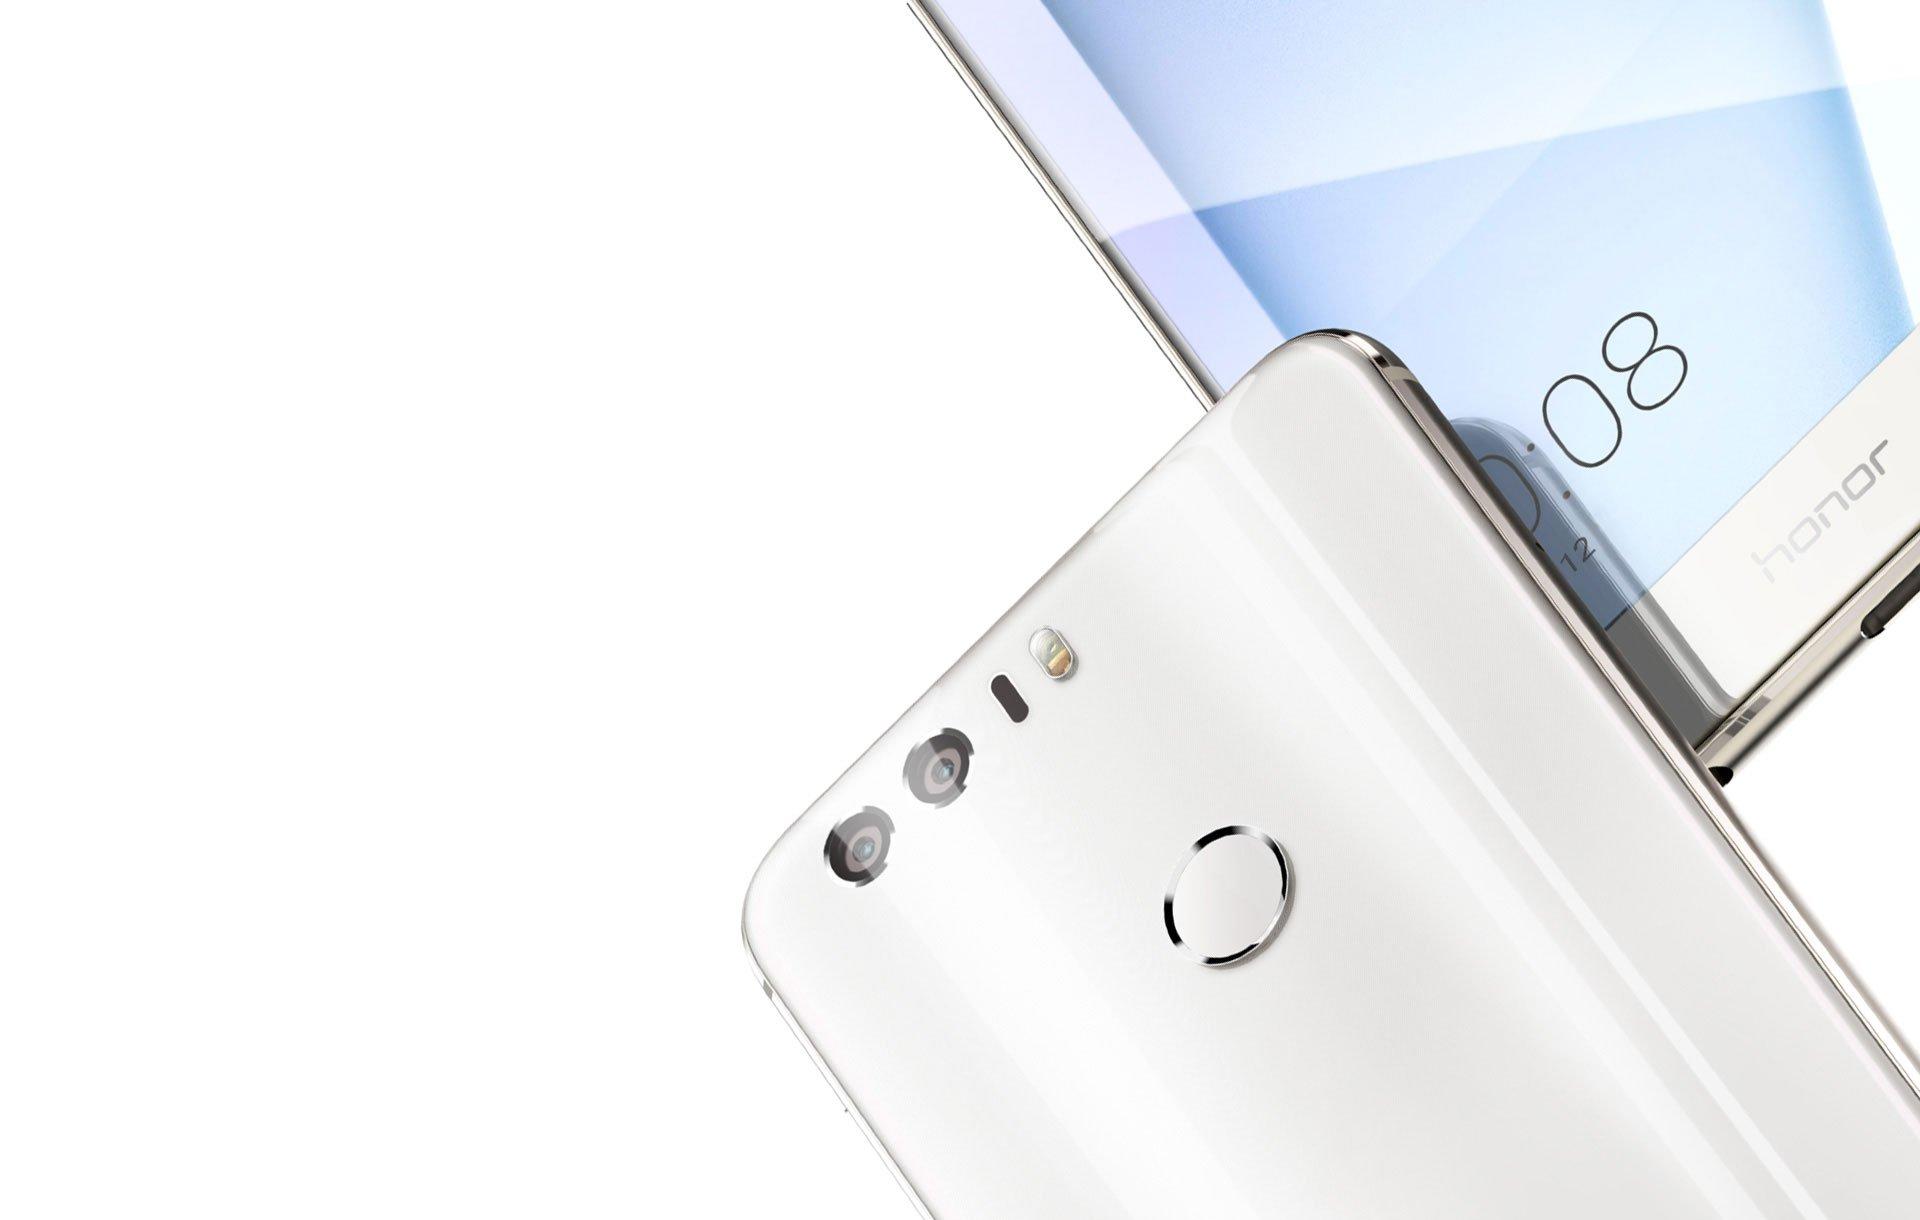 قائمة بجميع الهواتف التي ستصل إليها تحديث أندرويد بي 9.0 Android P 7